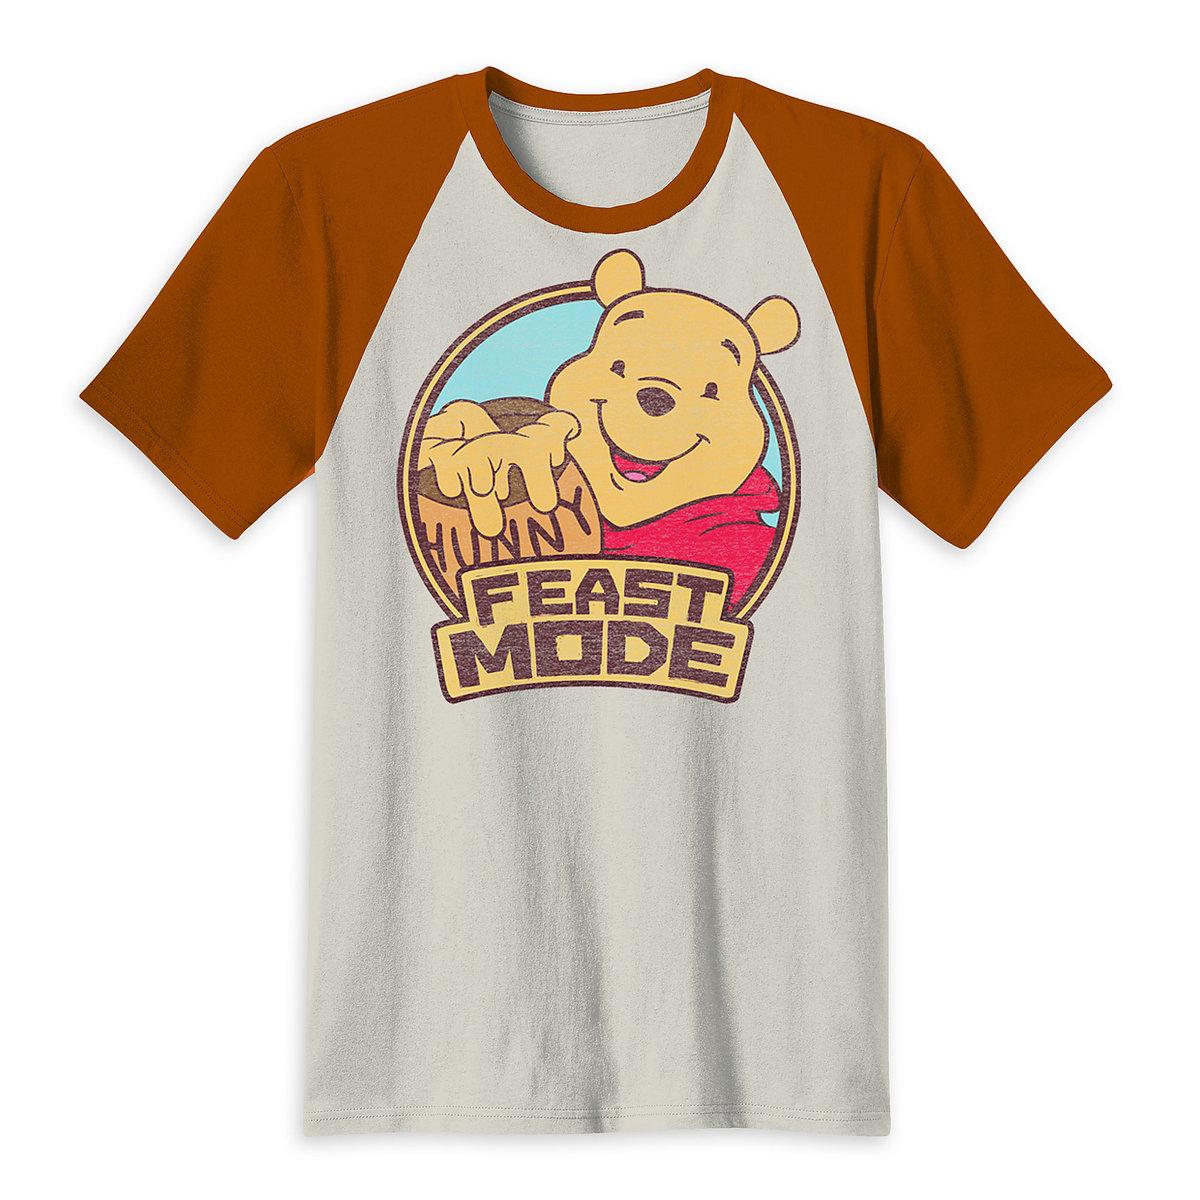 da1098d7c66d Add to My Lists. Disney Adult Shirt - Winnie the Pooh ...